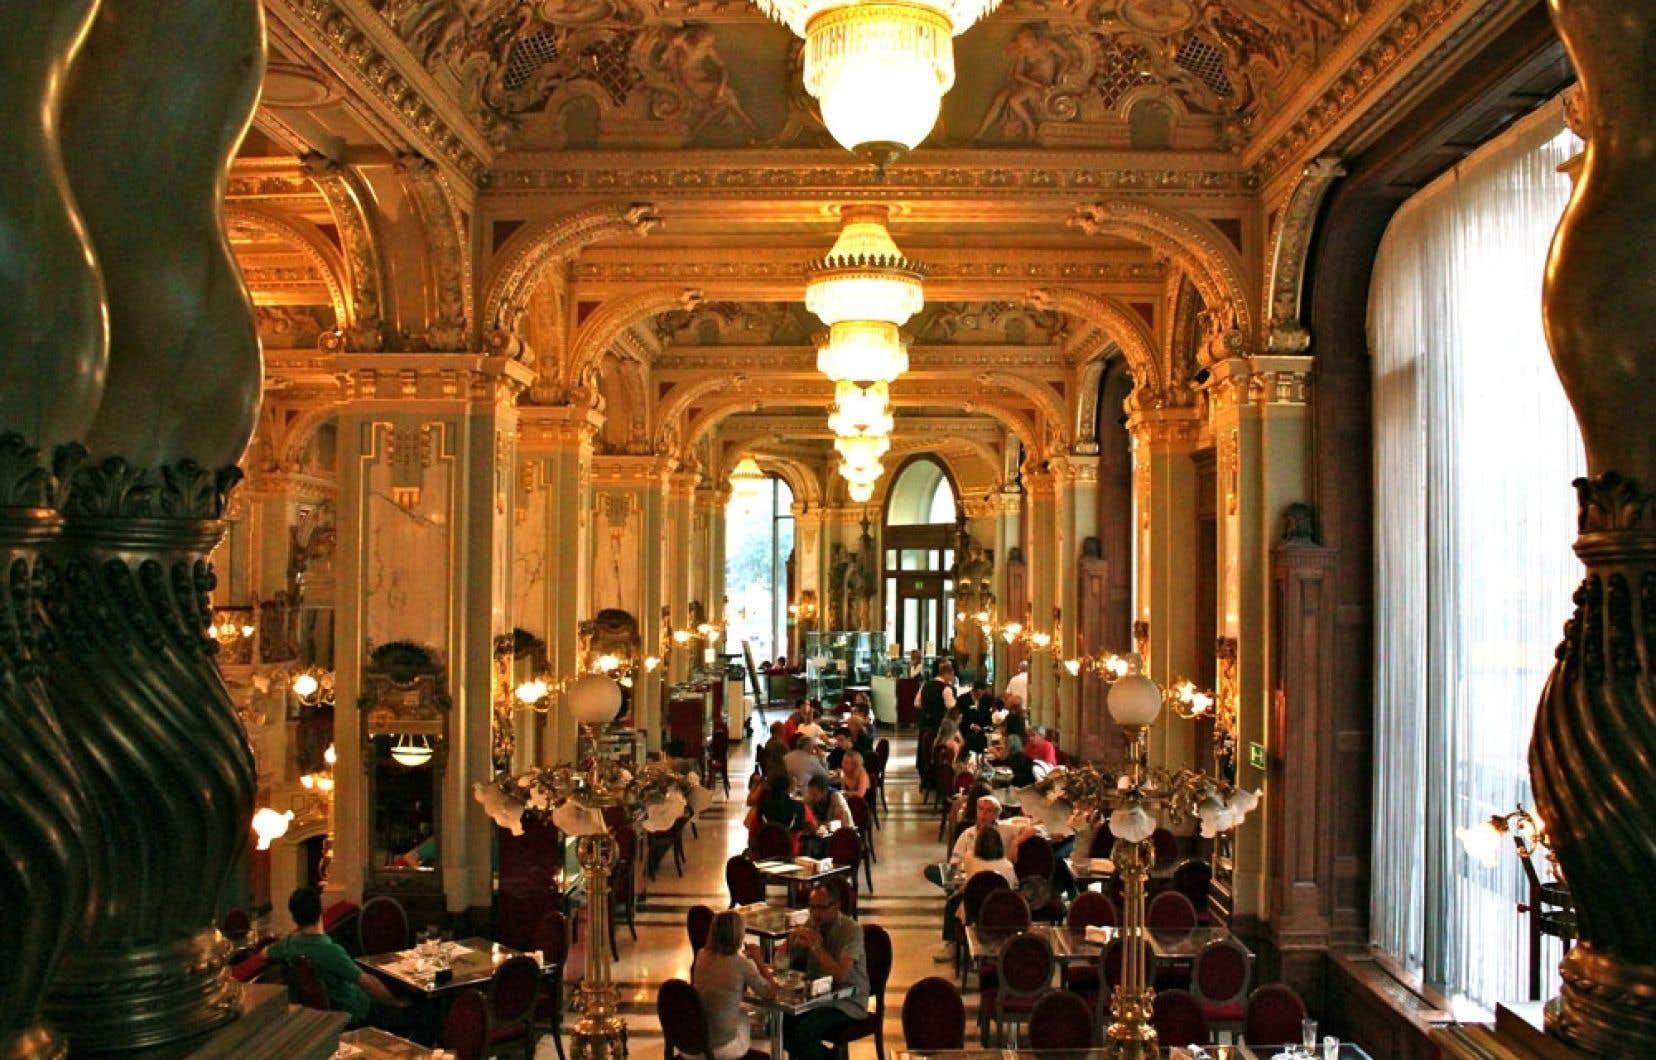 Rénové au début des années 2000, le légendaire café New York a retrouvé tout son faste d'origine.